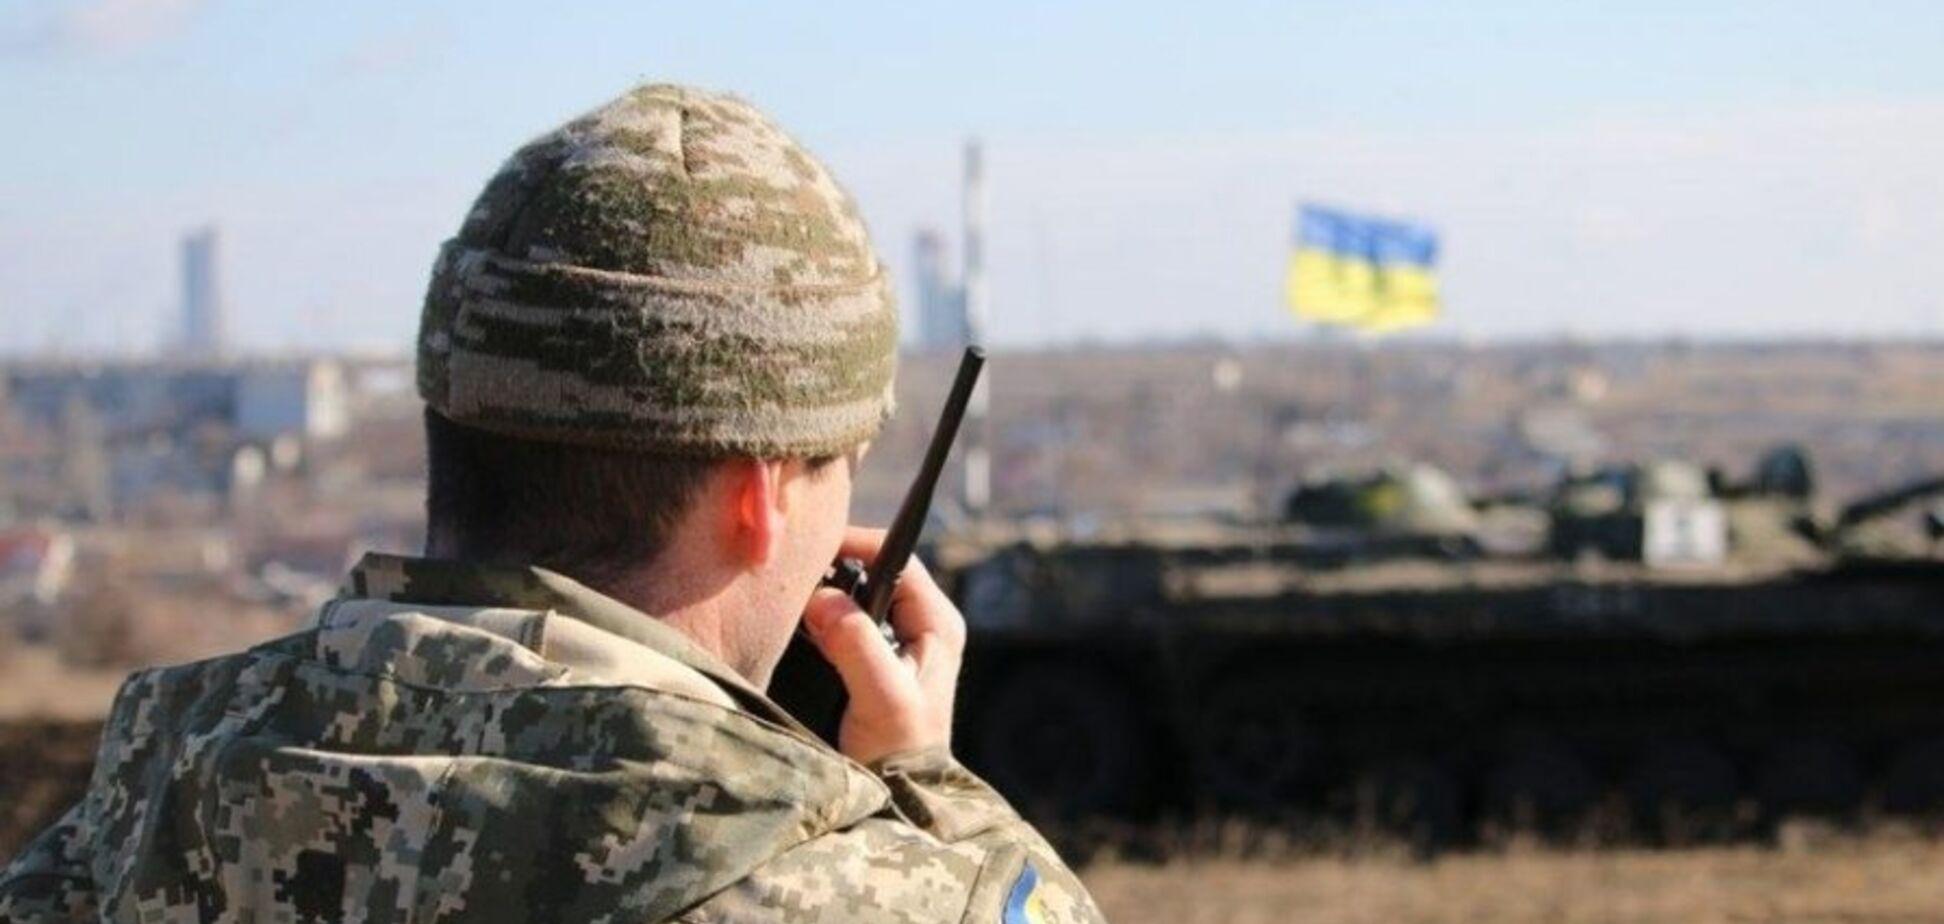 Террористы убили на Донбассе украинского воина. Иллюстрация